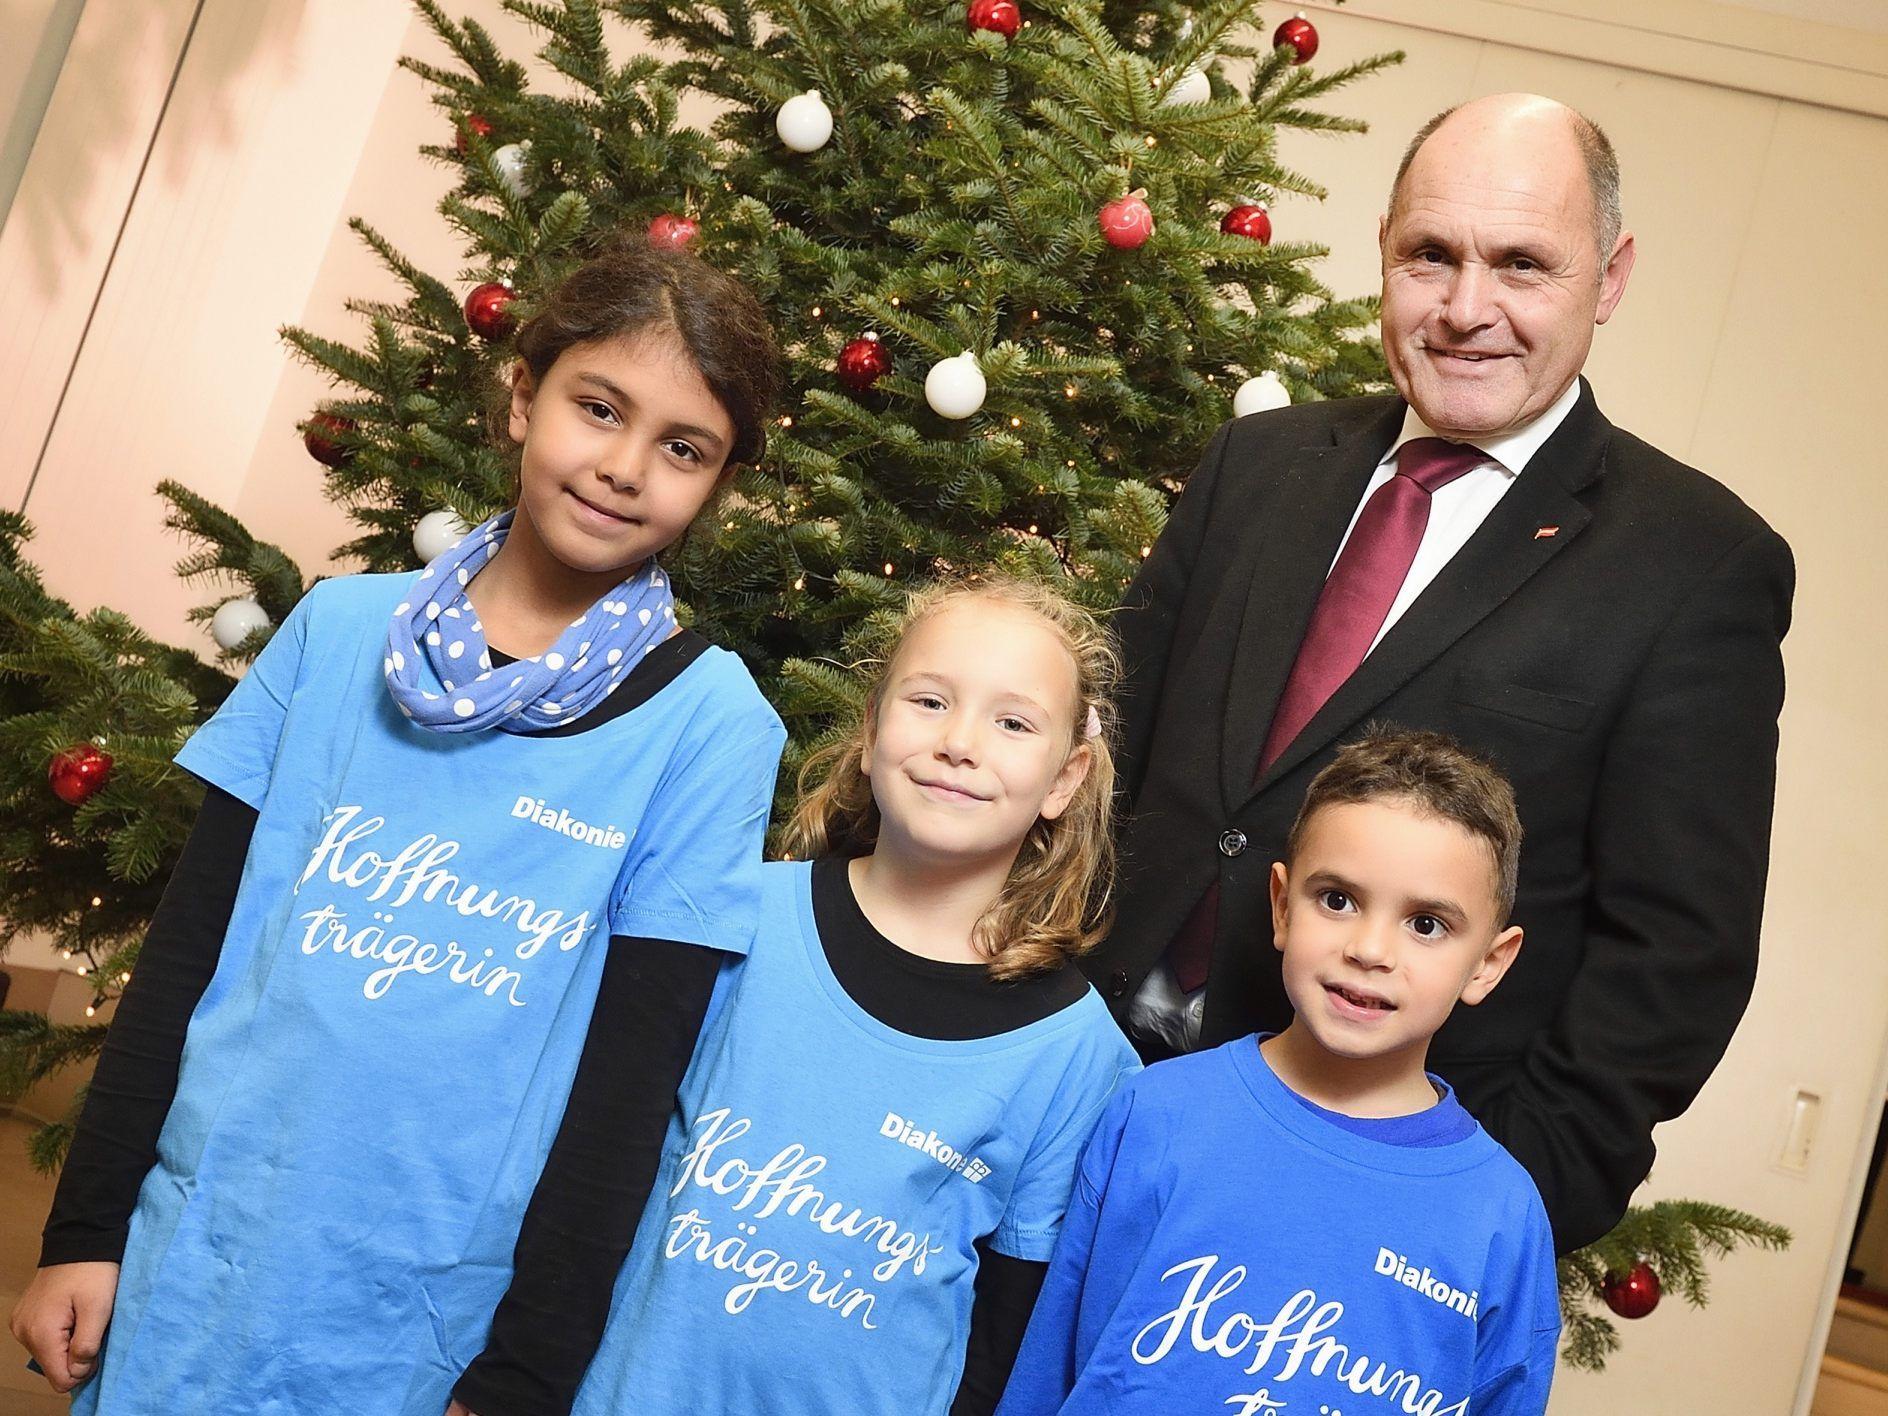 Wer Schmückt Den Weihnachtsbaum.Weihnachtsbaum Im Hohem Haus Nordmanntanne Schmückt Das Parlament